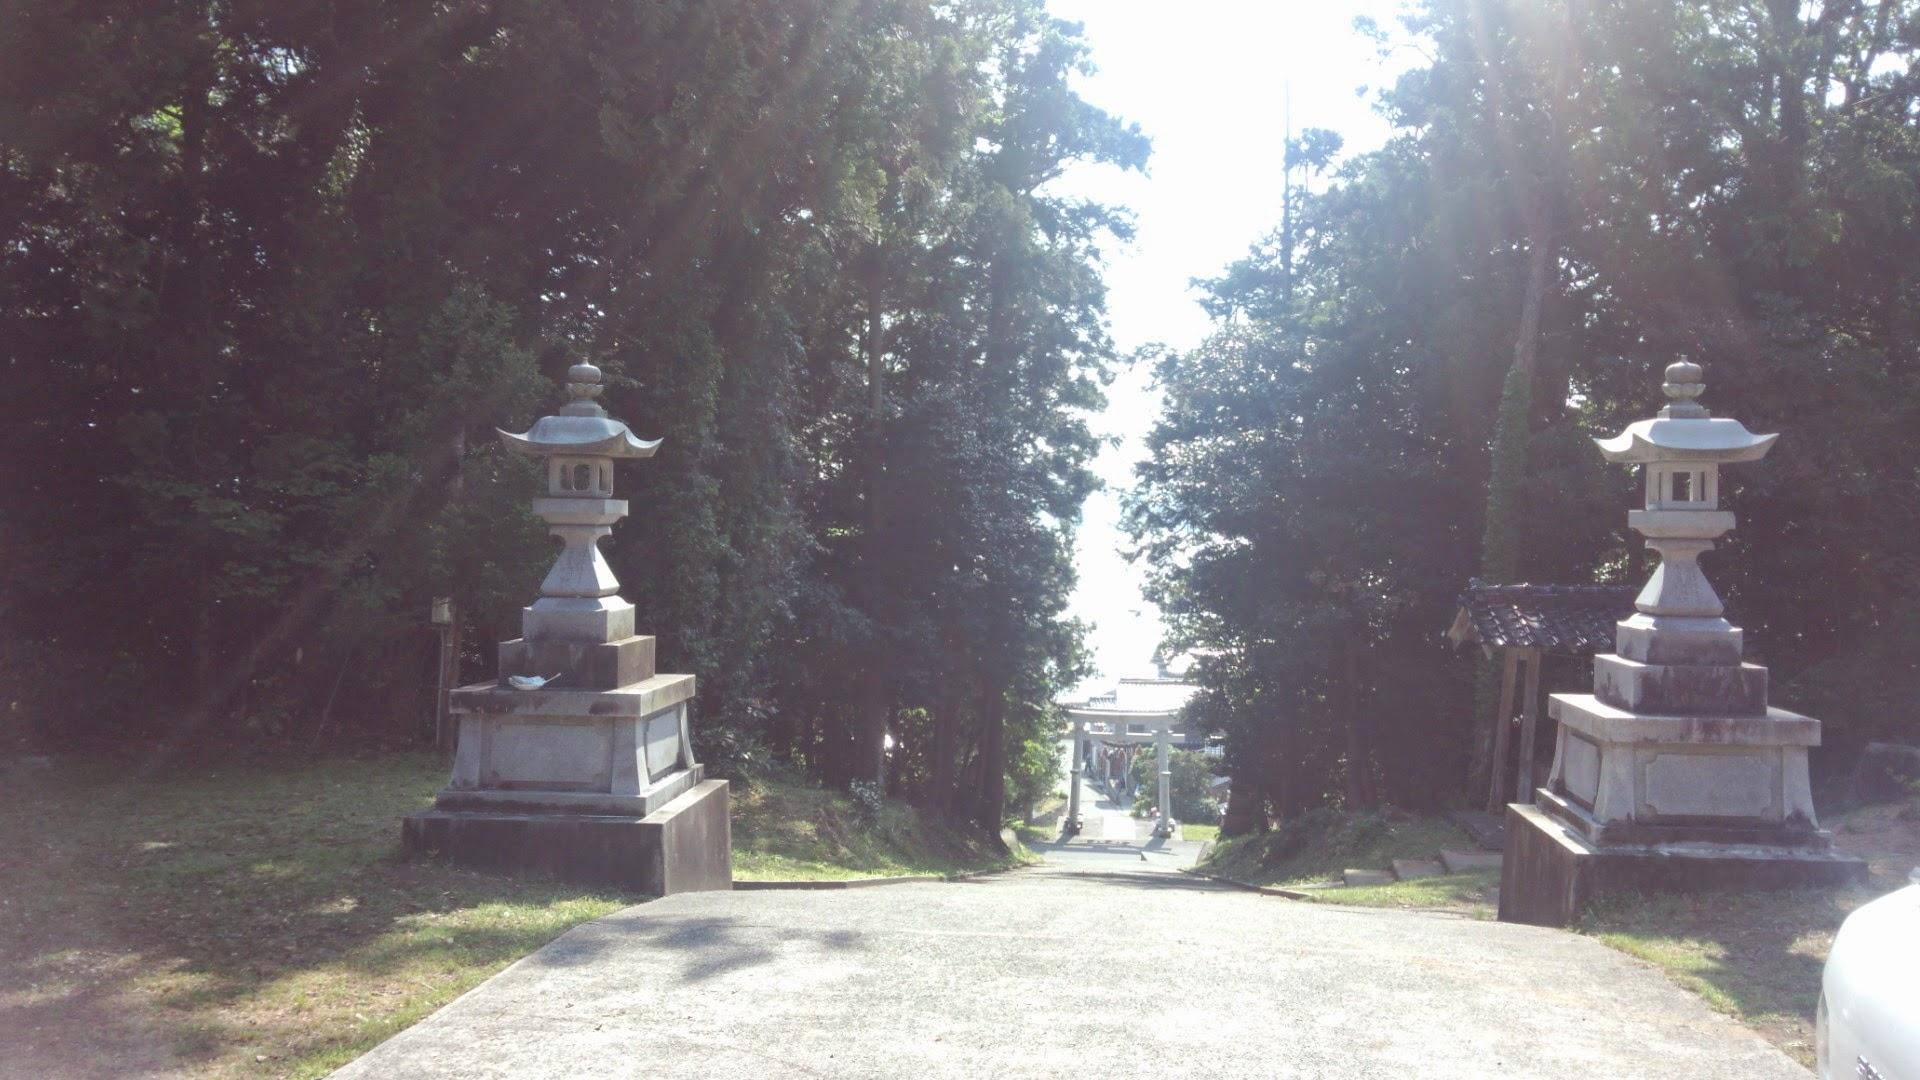 今日はこの海が見える穴水町岩車の奈古司神社で9月のキリコ祭り「当受け」セレモニーがあり、移住後初めてぼくもメンバーに抜擢される